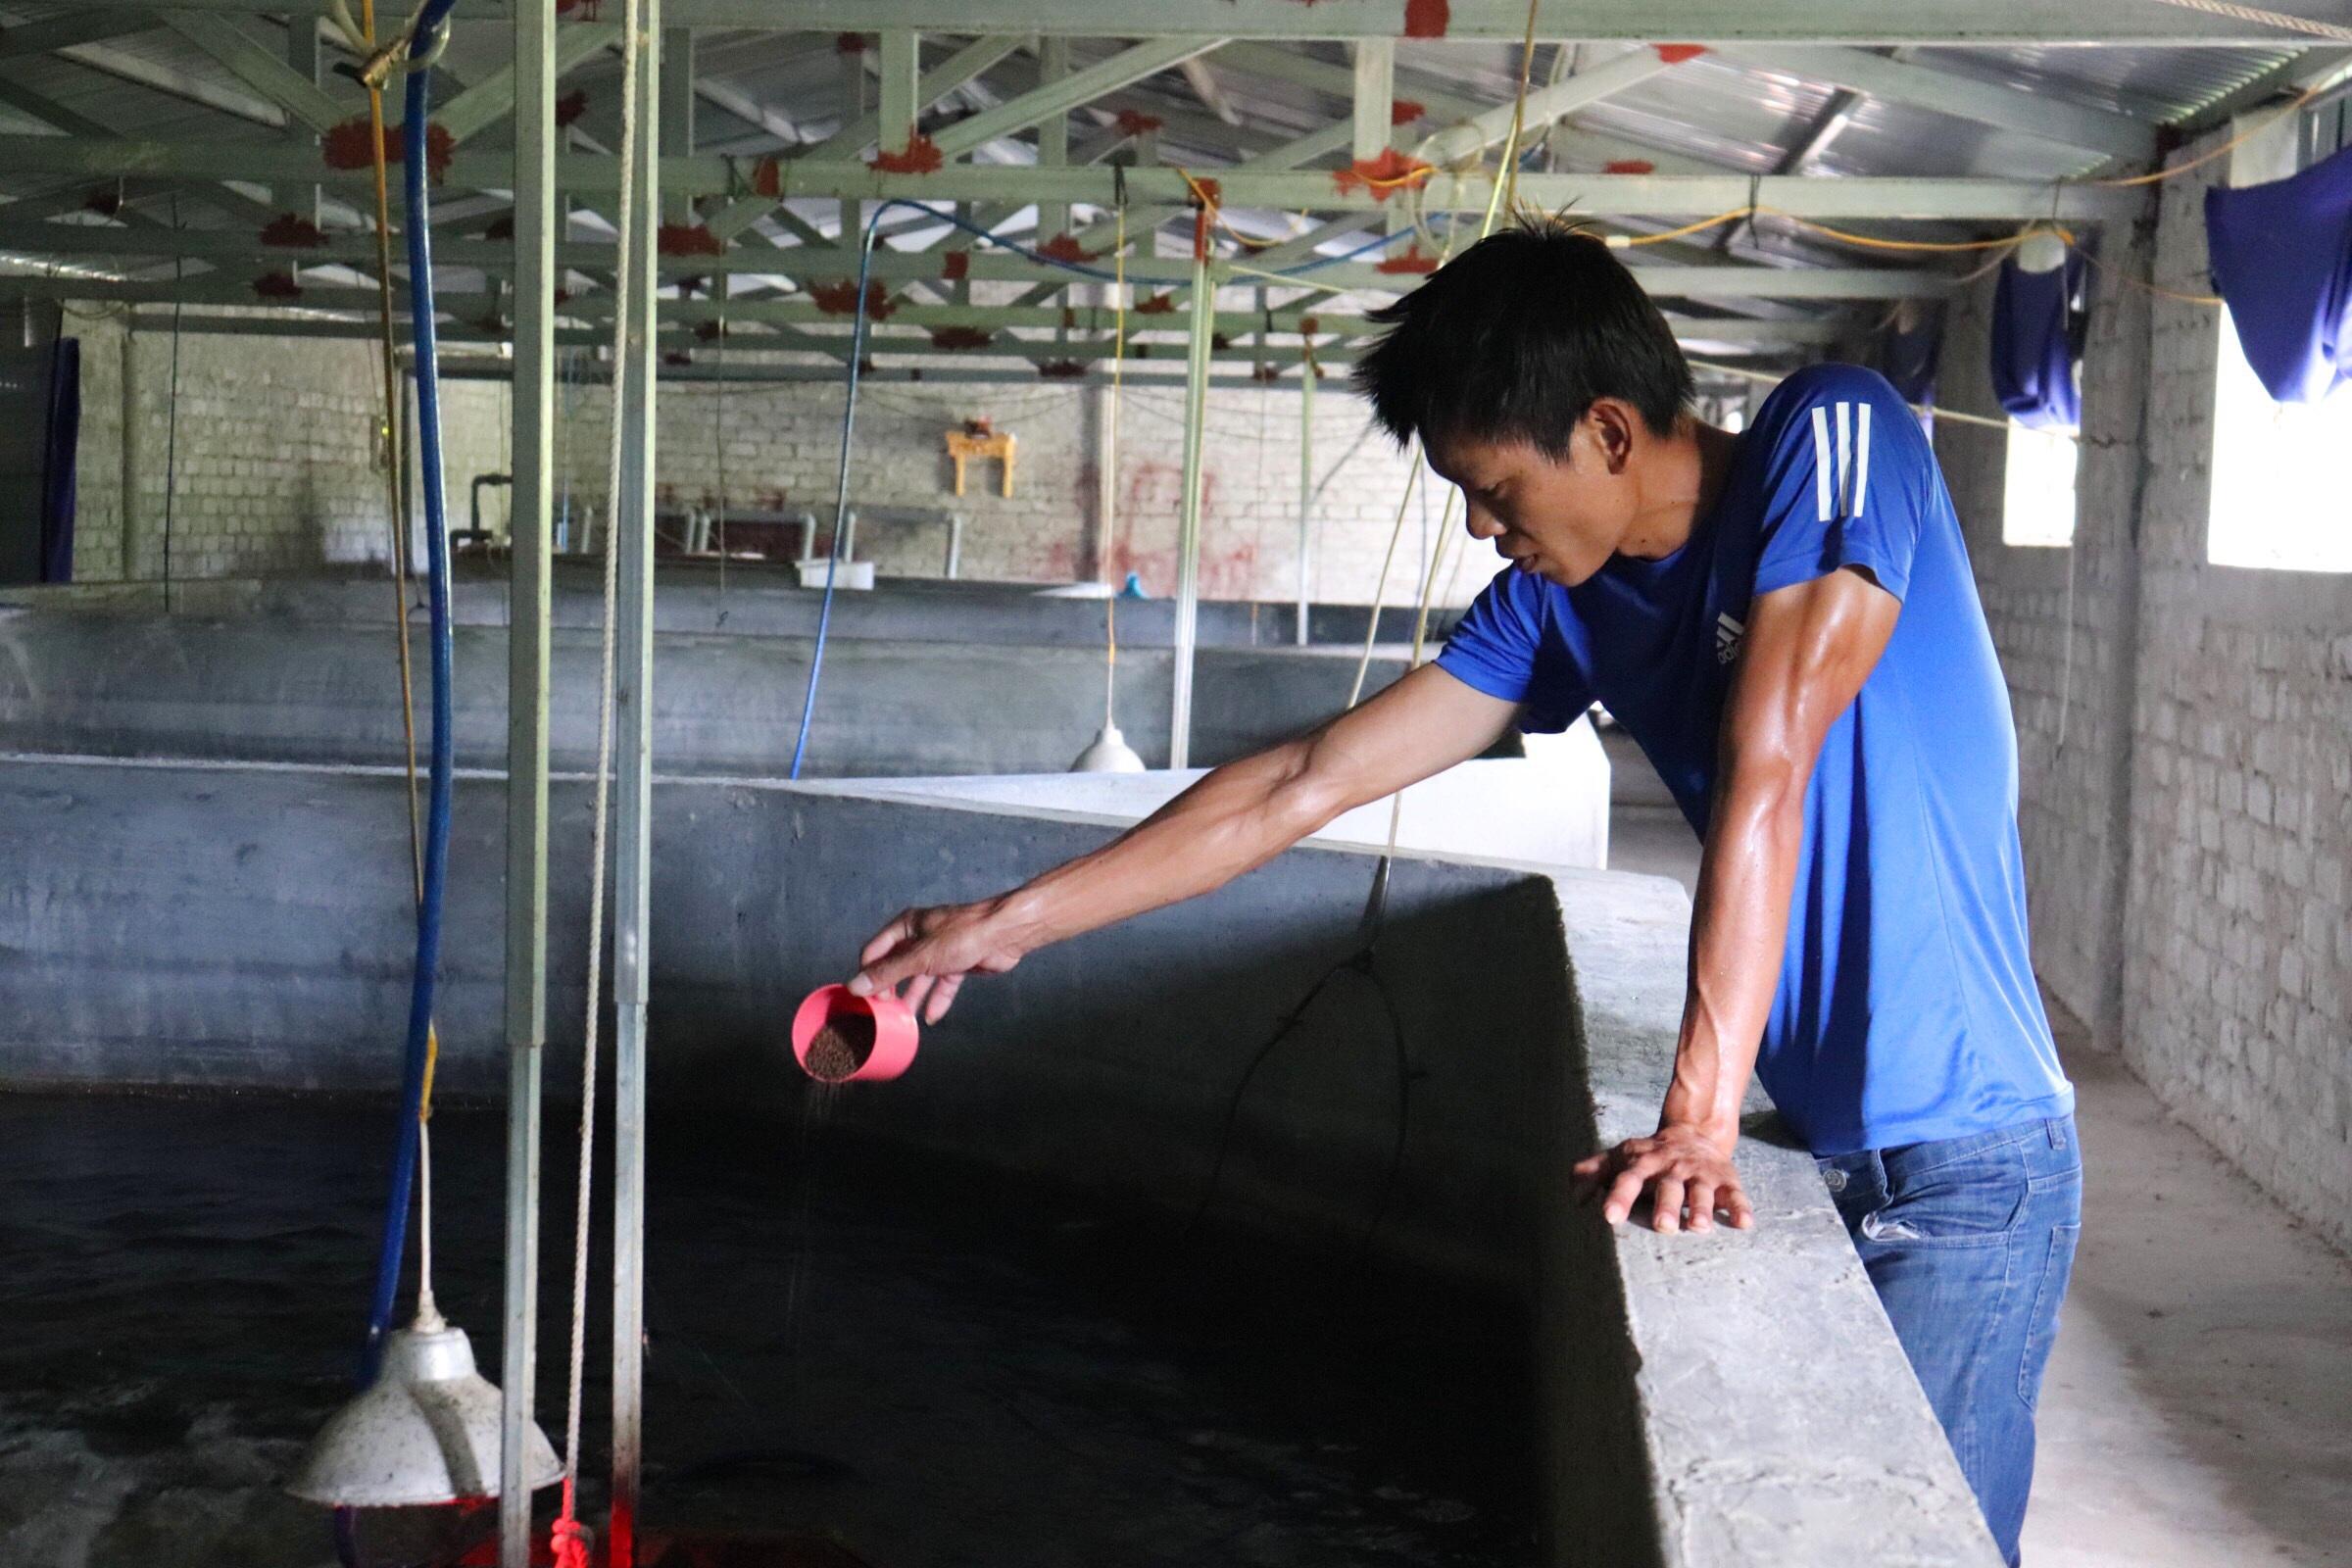 Câu chuyện khởi nghiệp của chàng kỹ sư với 4.000 con cá chình-1